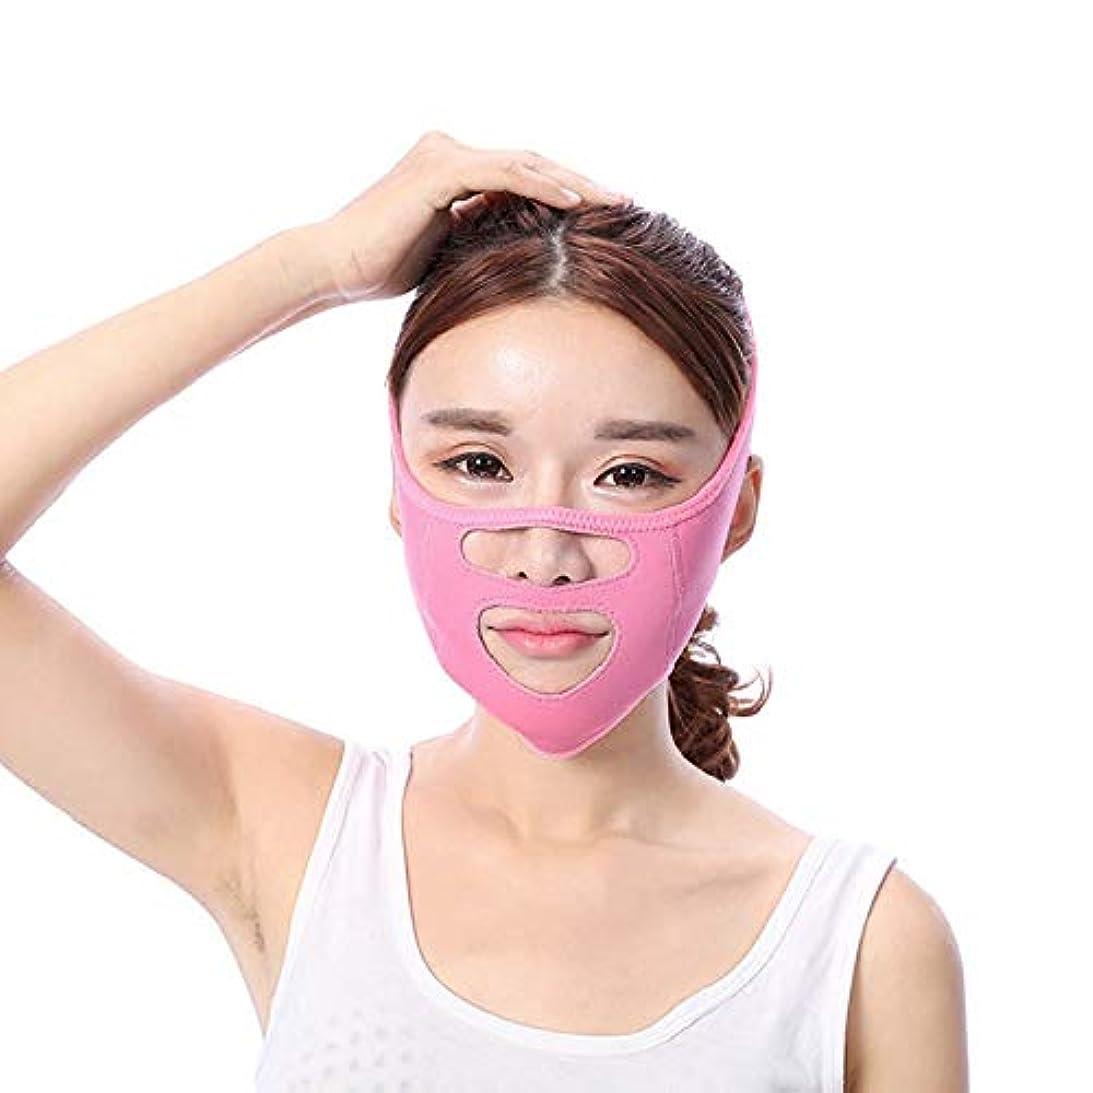 専門化する対応なる飛強強 顔の持ち上がる痩身ベルト - あなたの顔のための素晴らしいトレーニング二重あごのワークアウトフェイスマスクベルト薄い顔包帯整形マスクは顔と首を締めますフェイススリム スリムフィット美容ツール